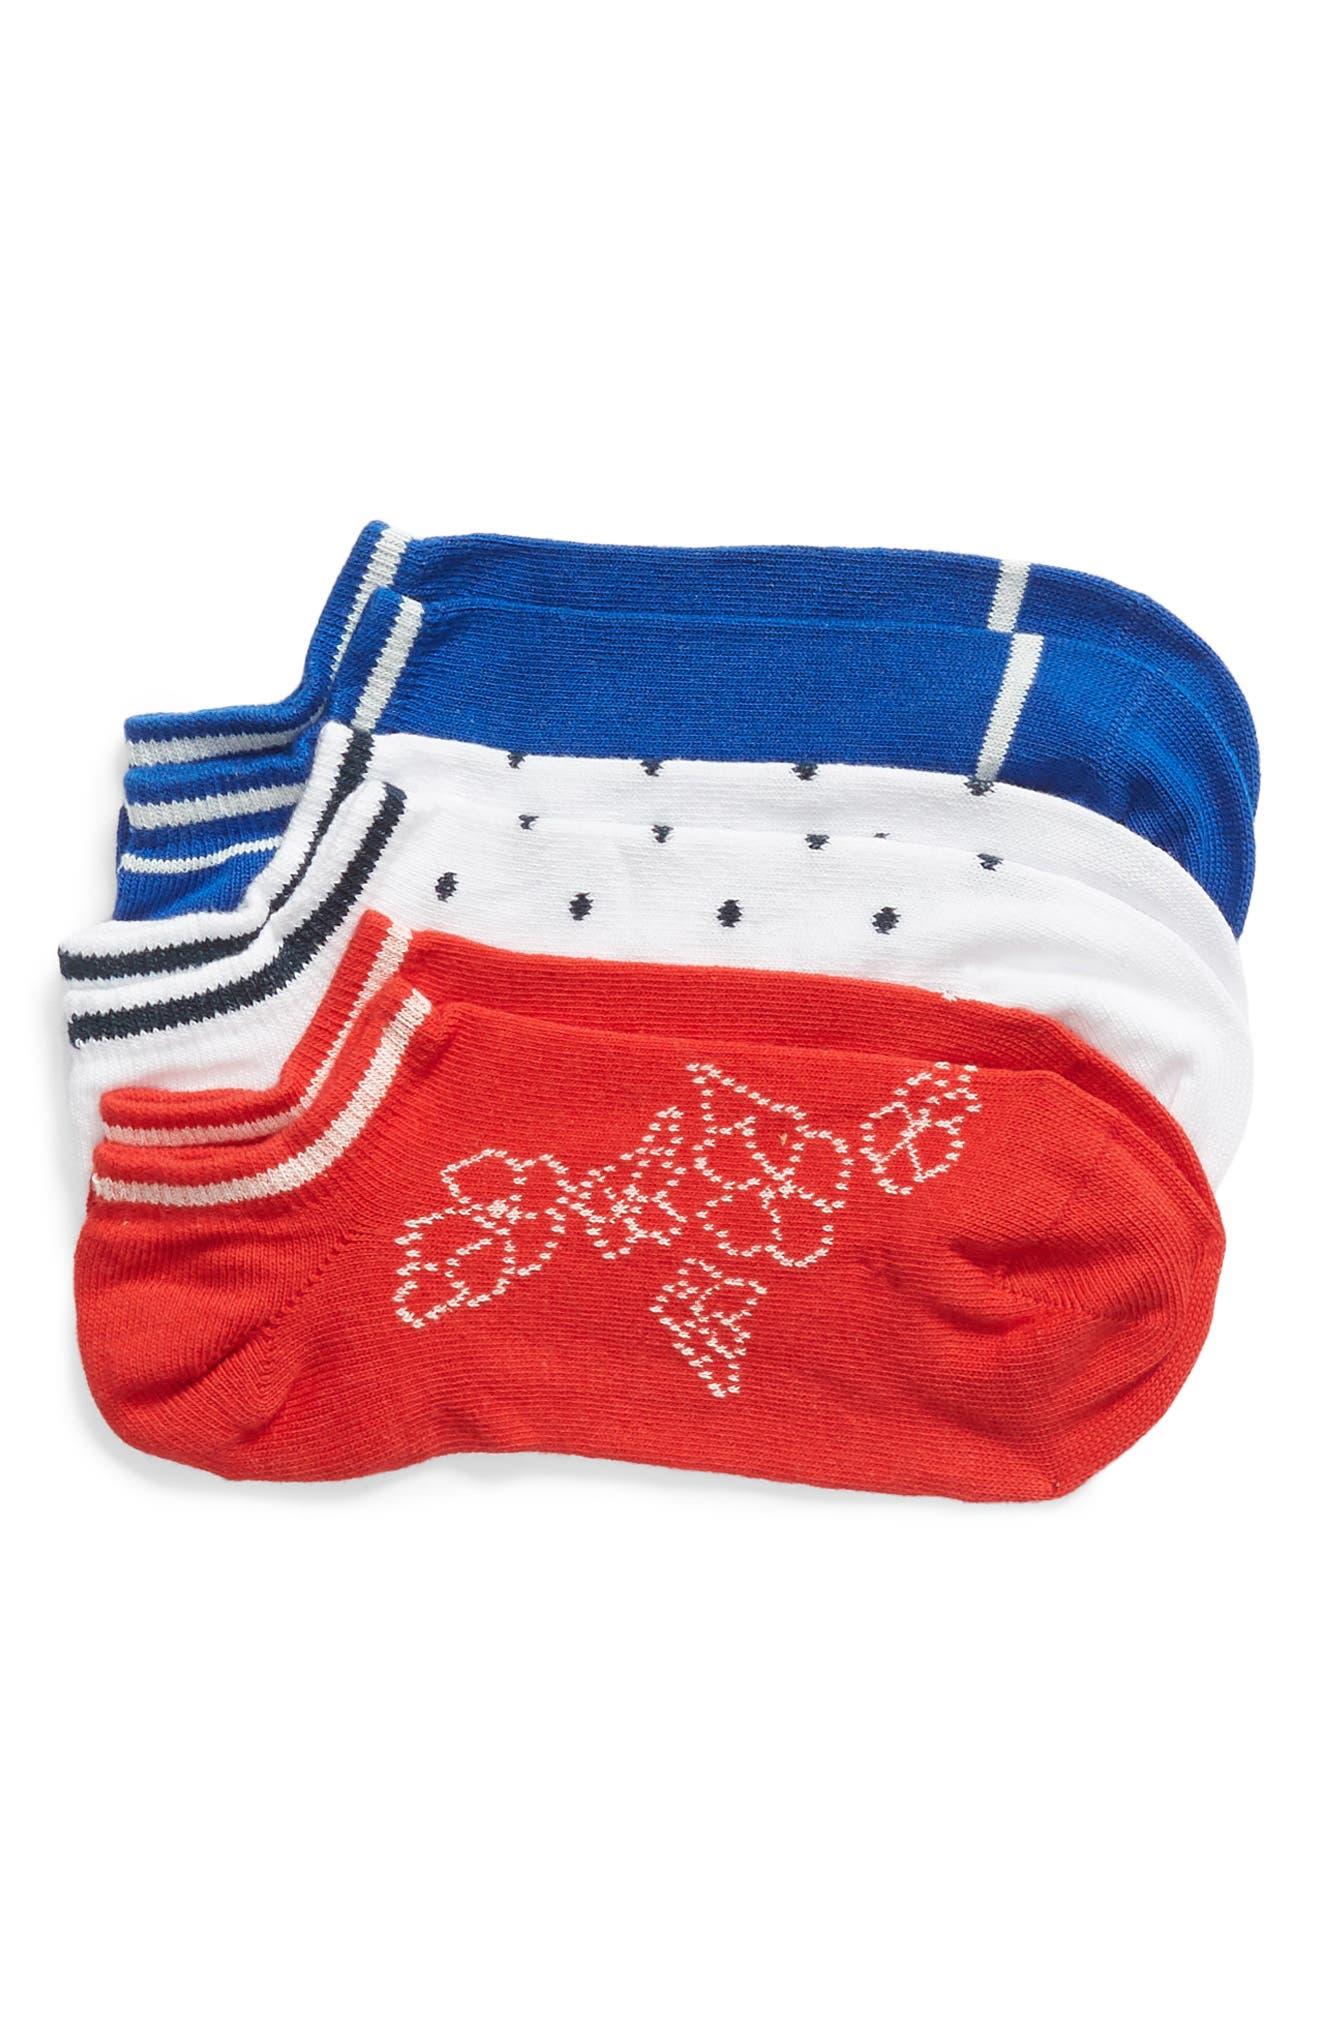 3-Pack Calzino Abstract Mix Low-Cut Socks,                             Main thumbnail 1, color,                             VIVID COLORS